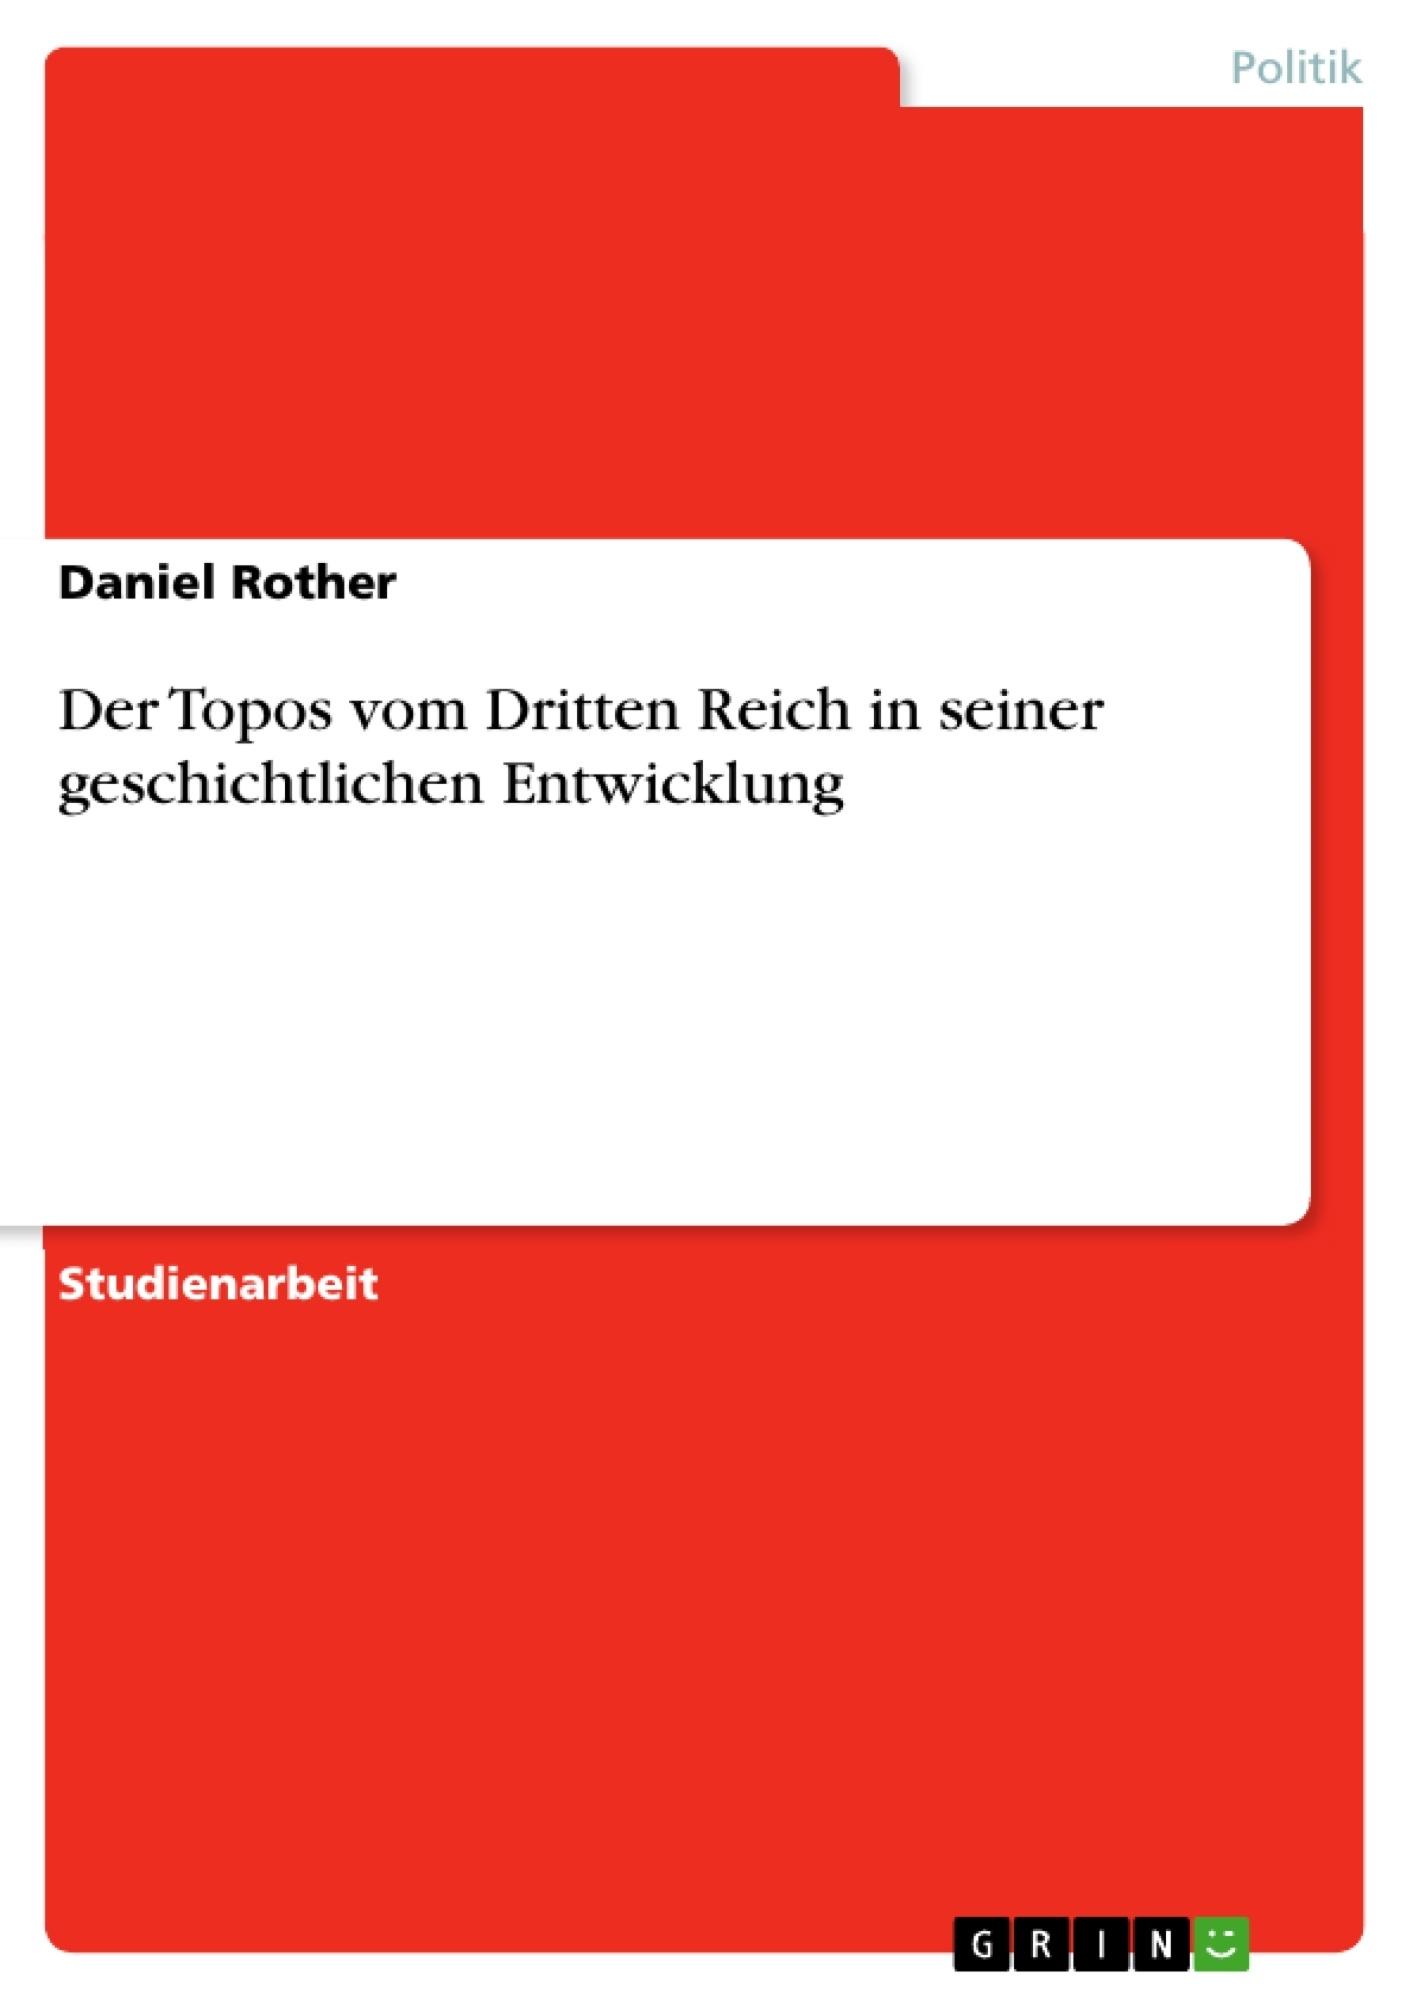 Titel: Der Topos vom Dritten Reich in seiner geschichtlichen Entwicklung